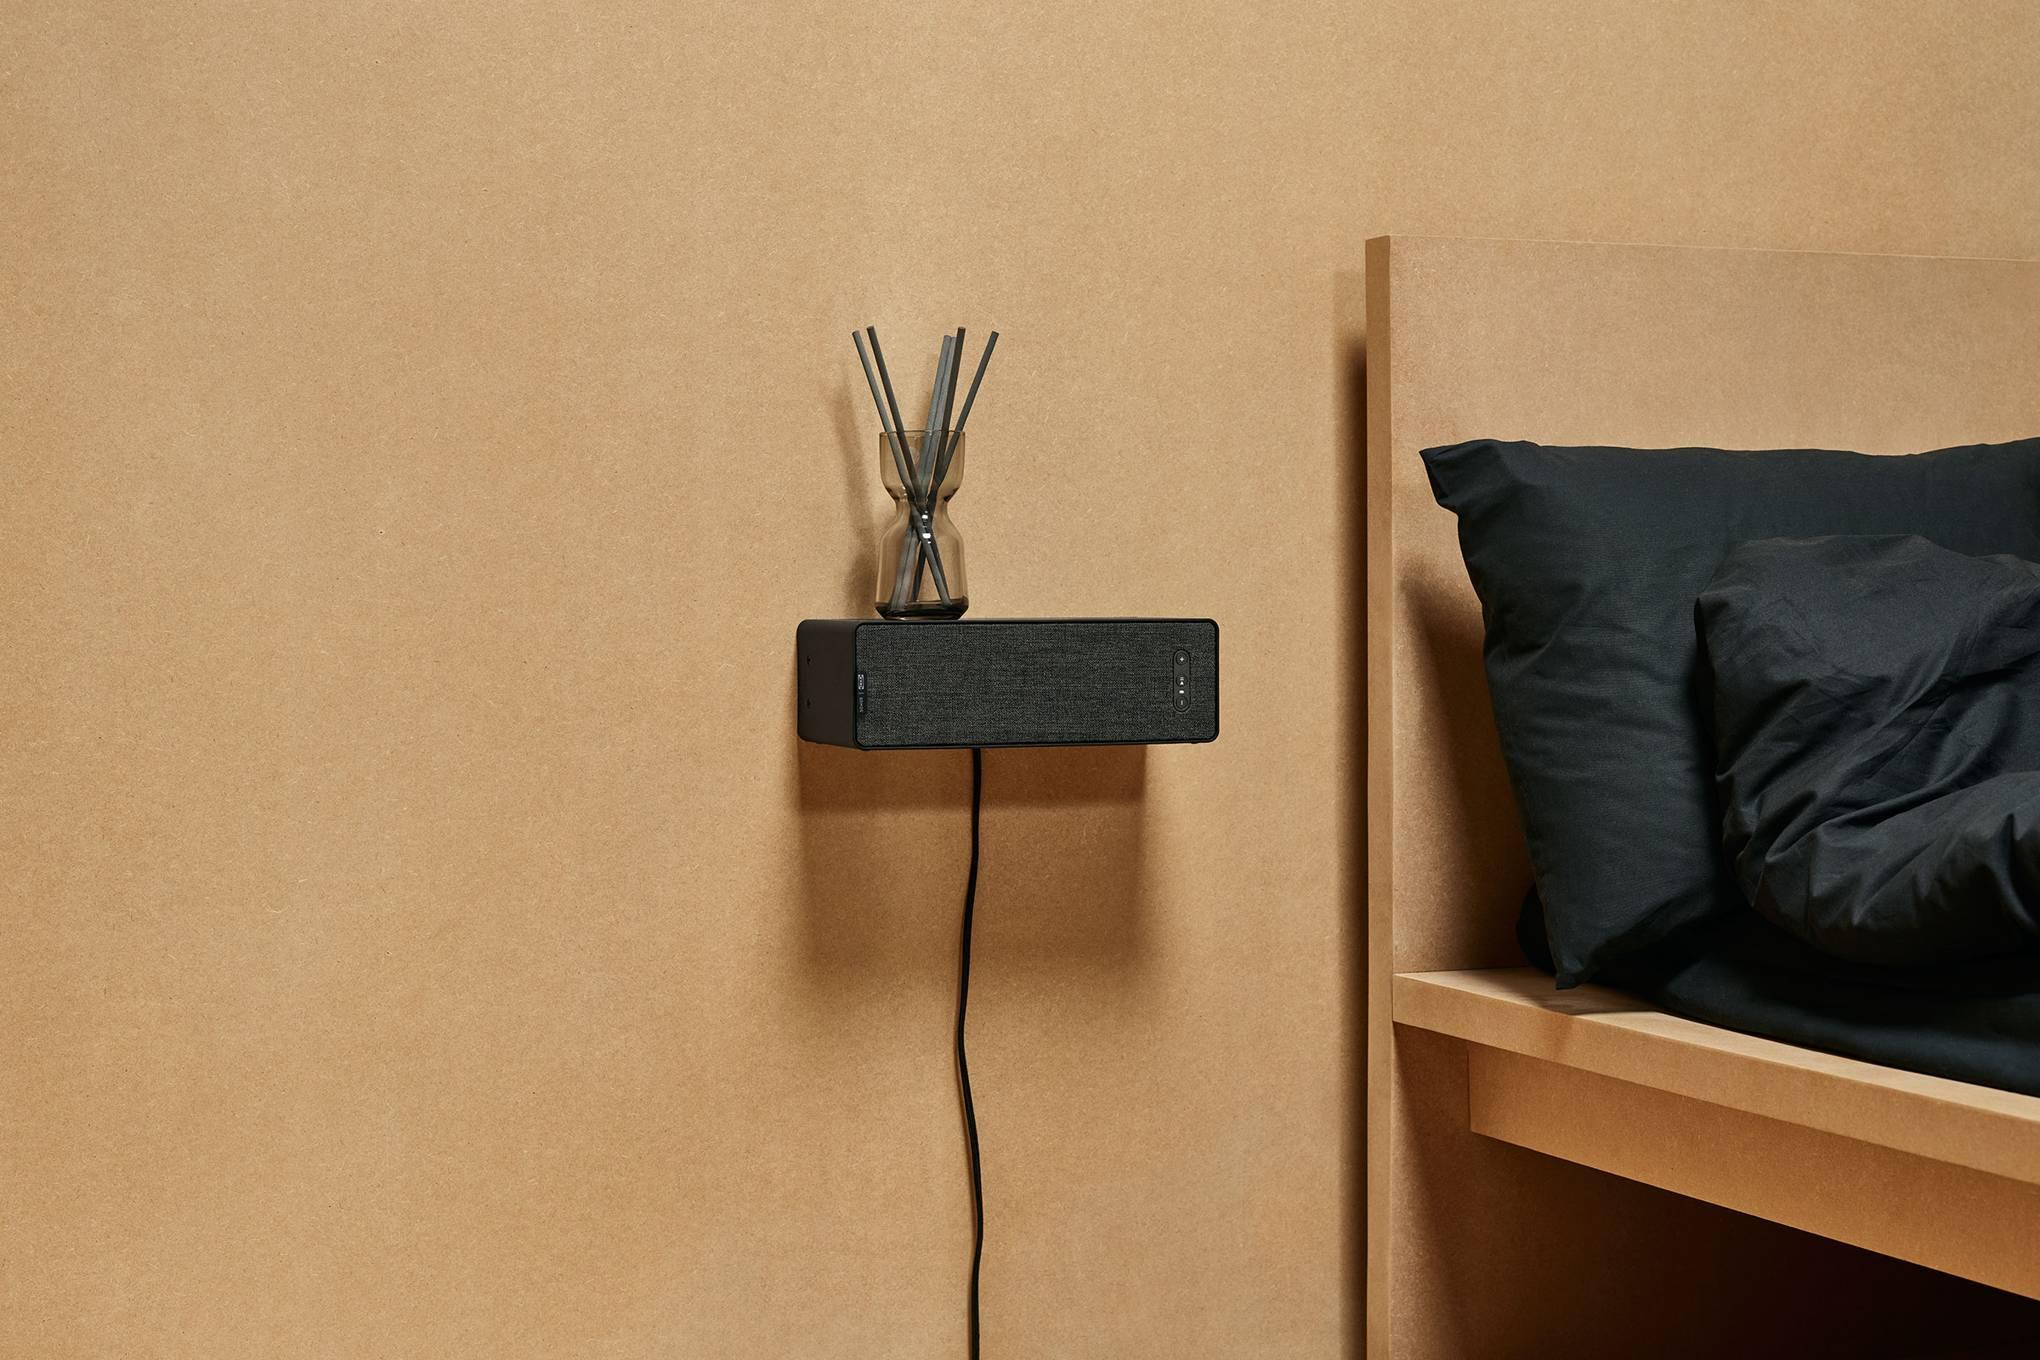 sonos led undercabinet light and speaker